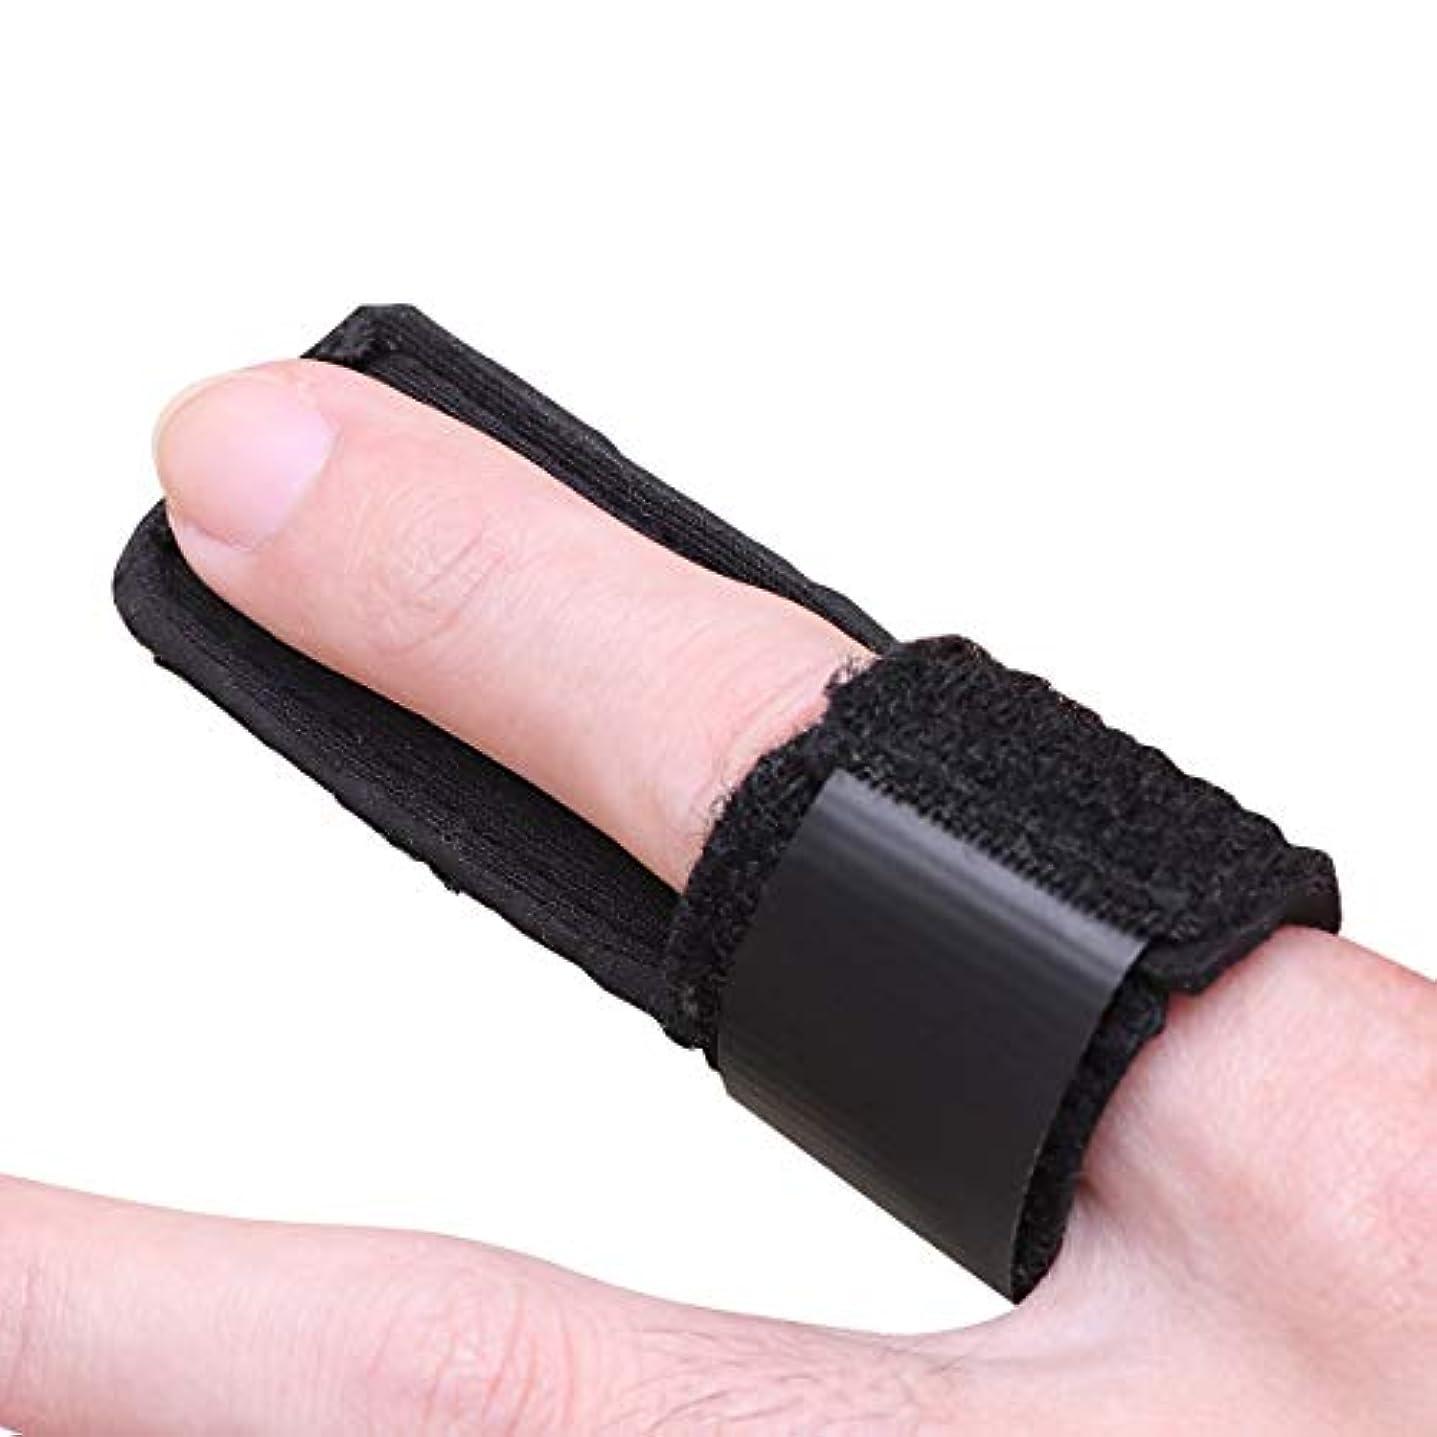 受け入れたジレンマ愛情深いSUPVOX トリガーフィンガースプリントアルミサポートトリガーマレットフィンガーブレース痛み1 PCを和らげる